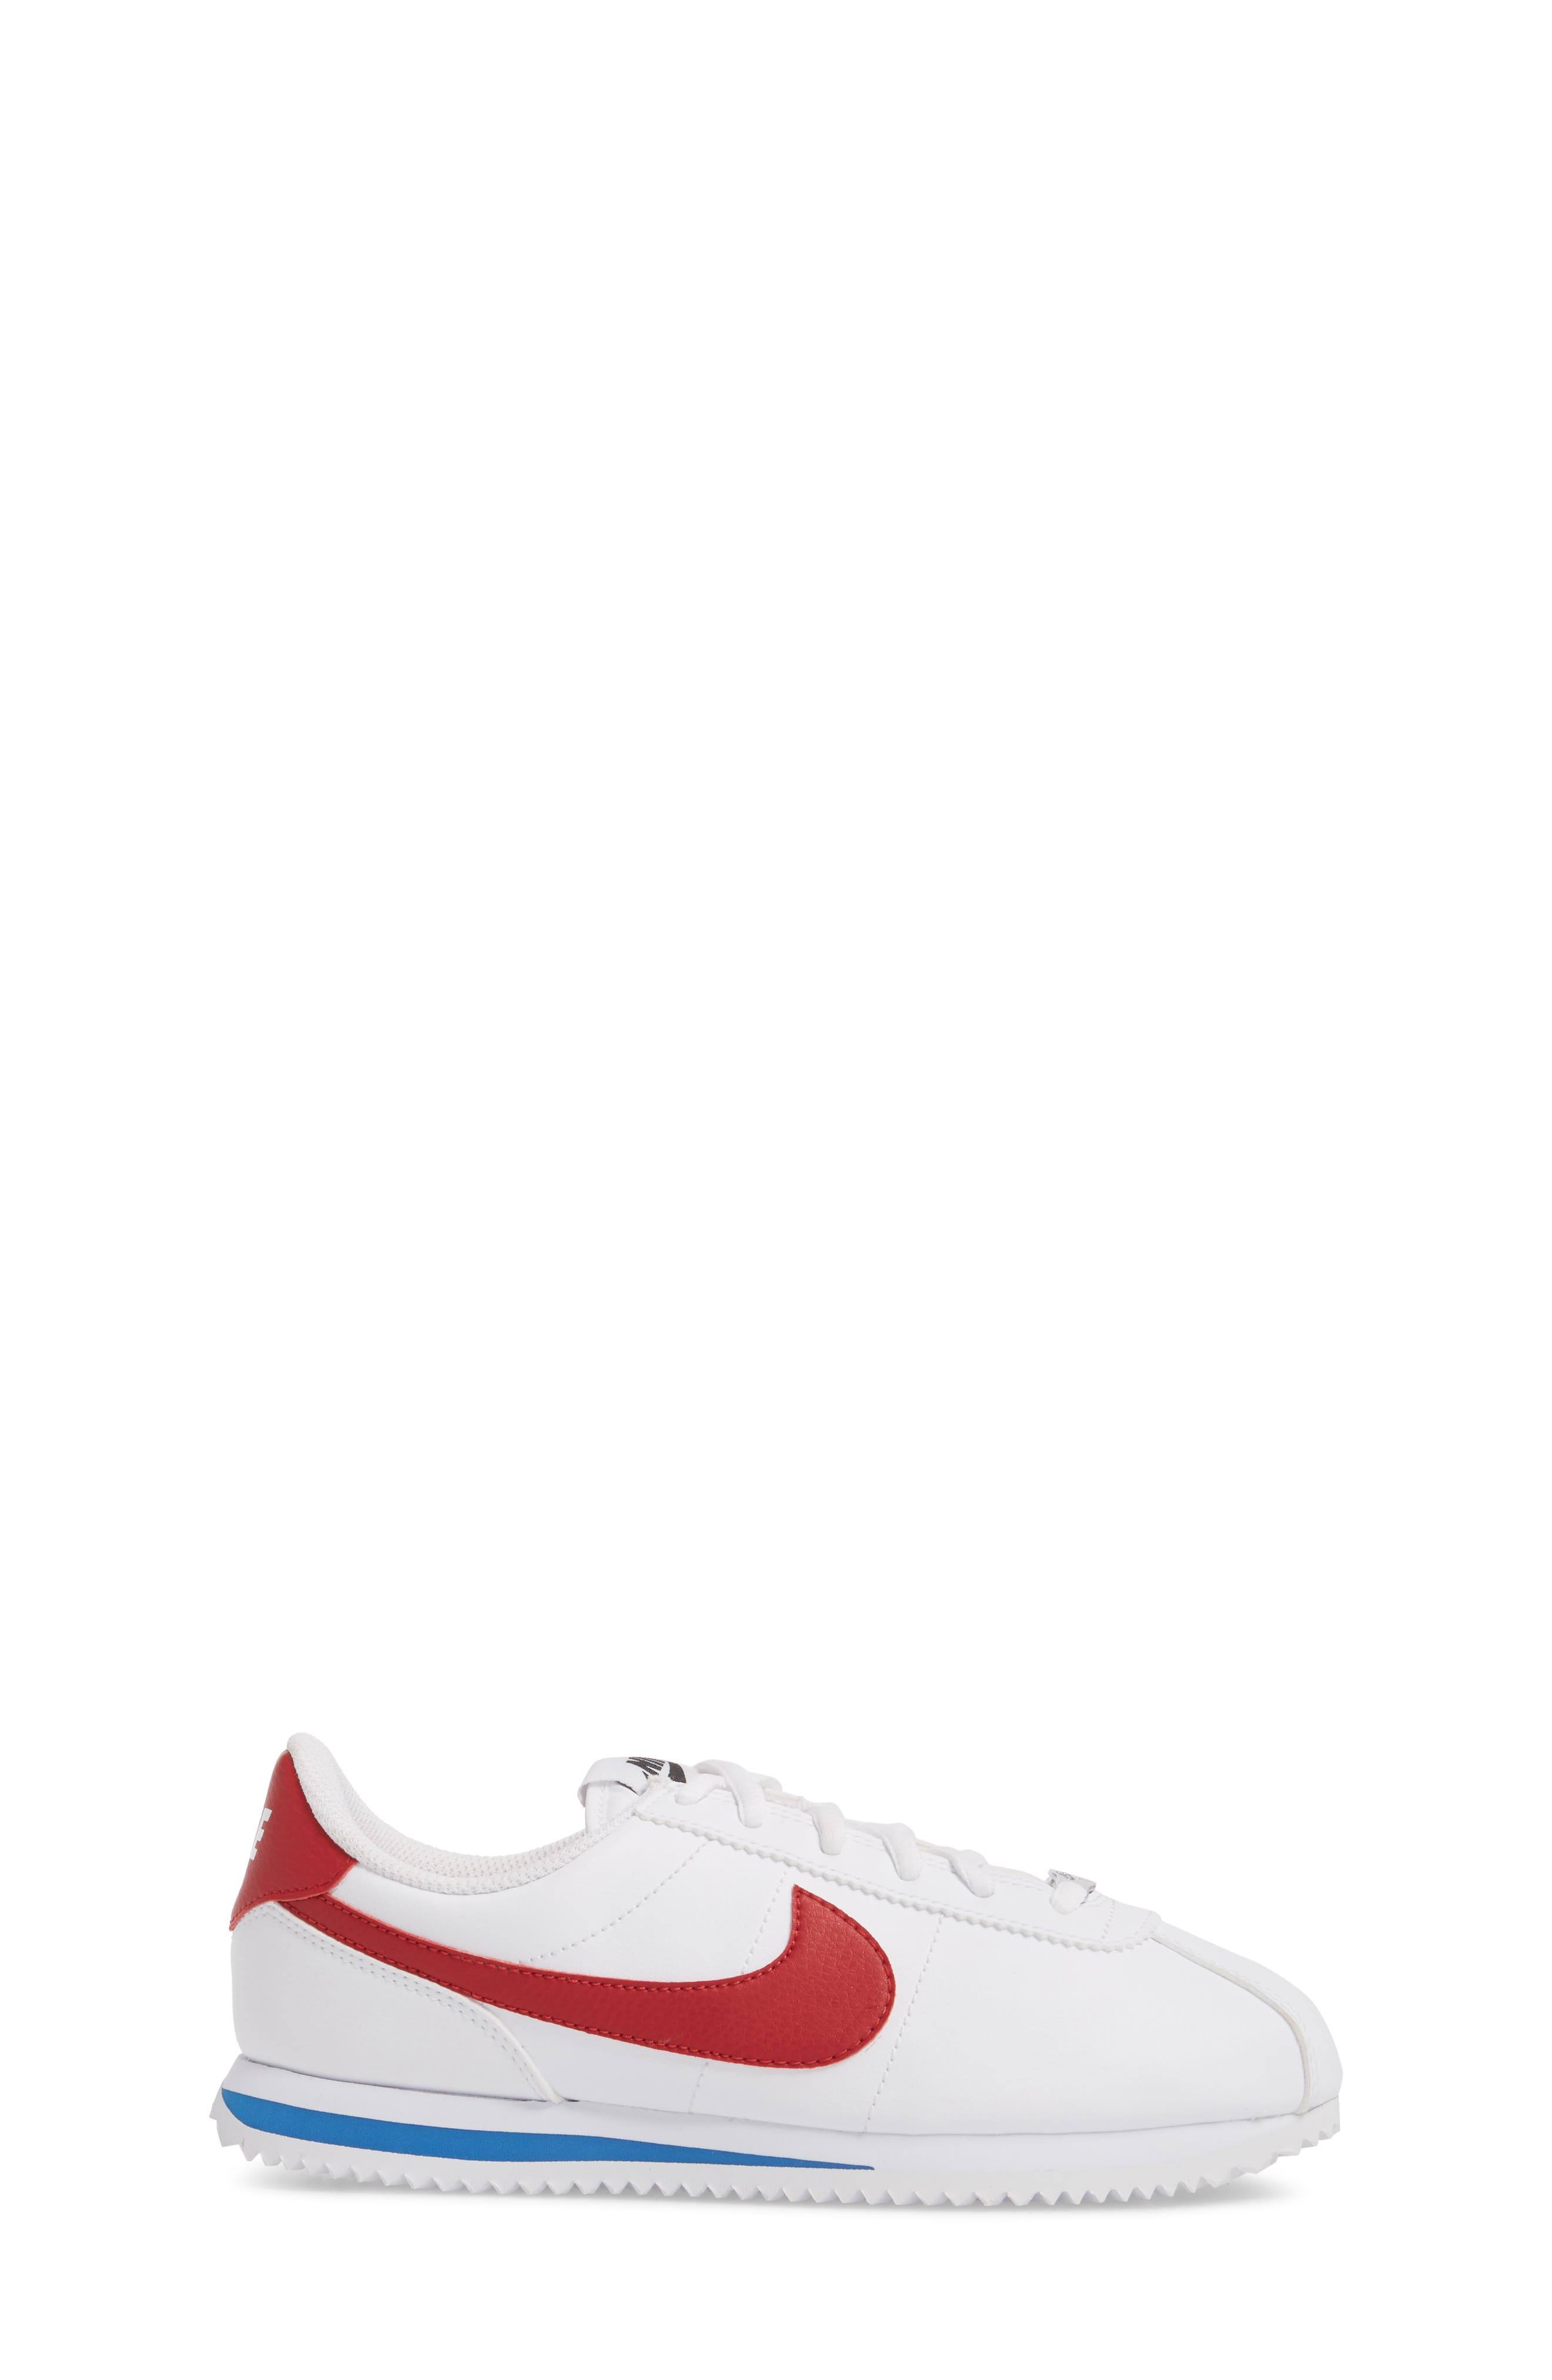 Cortez Basic SL Sneaker,                             Alternate thumbnail 3, color,                             WHITE/ VARSITY RED-ROYAL-BLACK